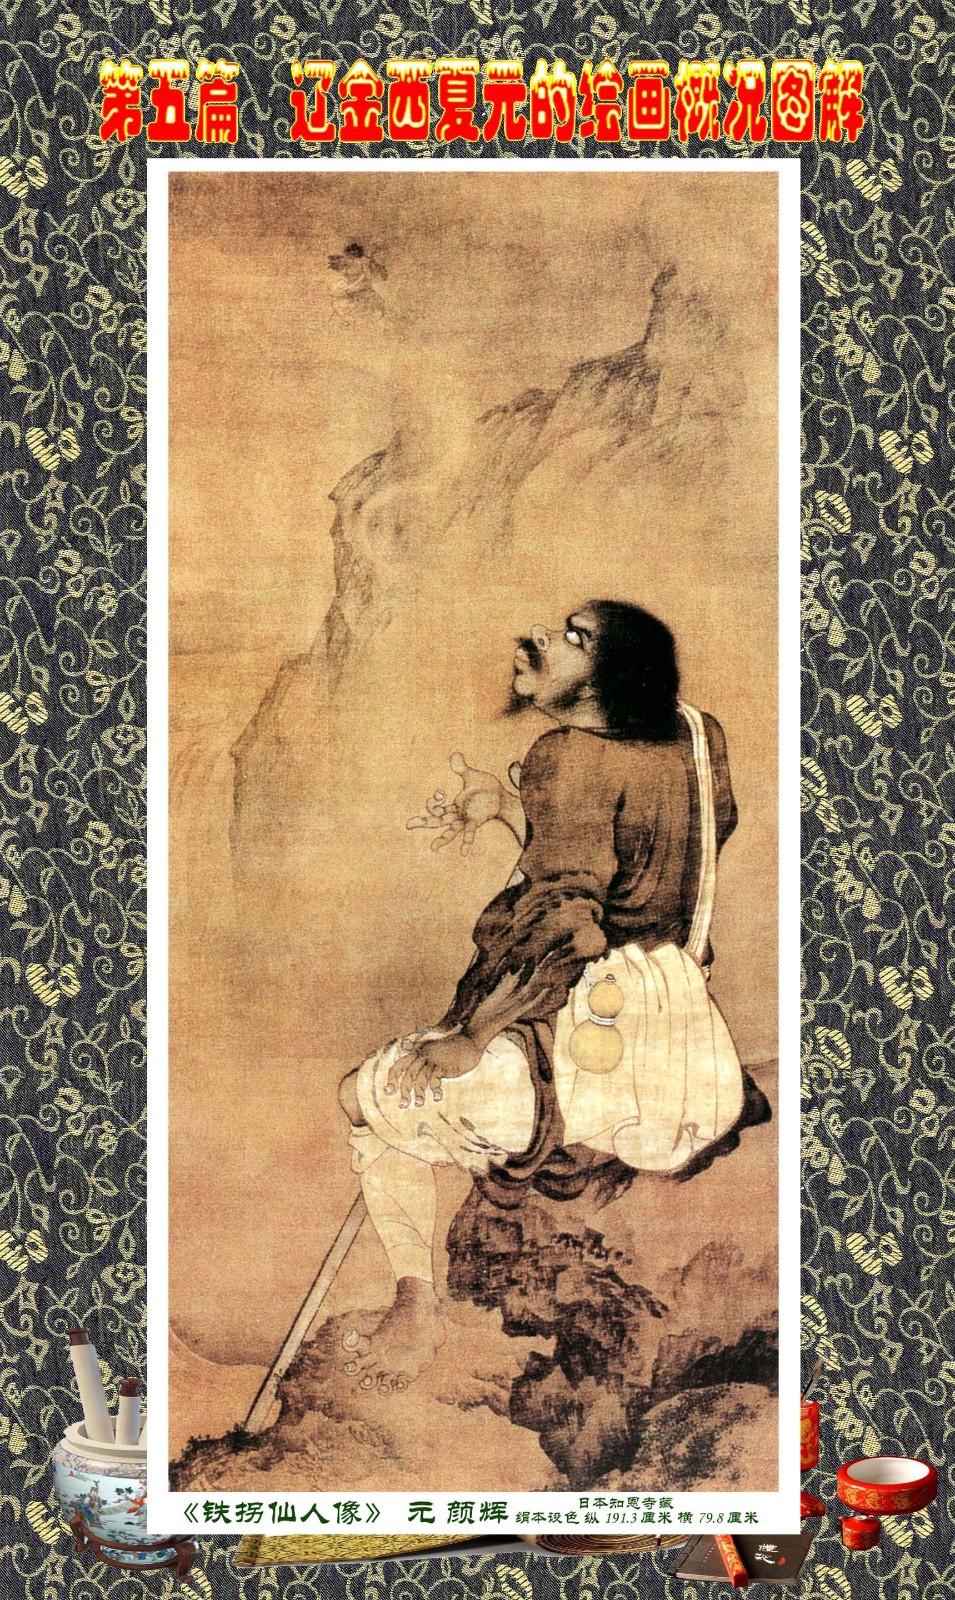 顾绍骅编辑 中国画知识普及版 第五篇 辽金西夏元的绘画概况 下 ... ..._图1-35